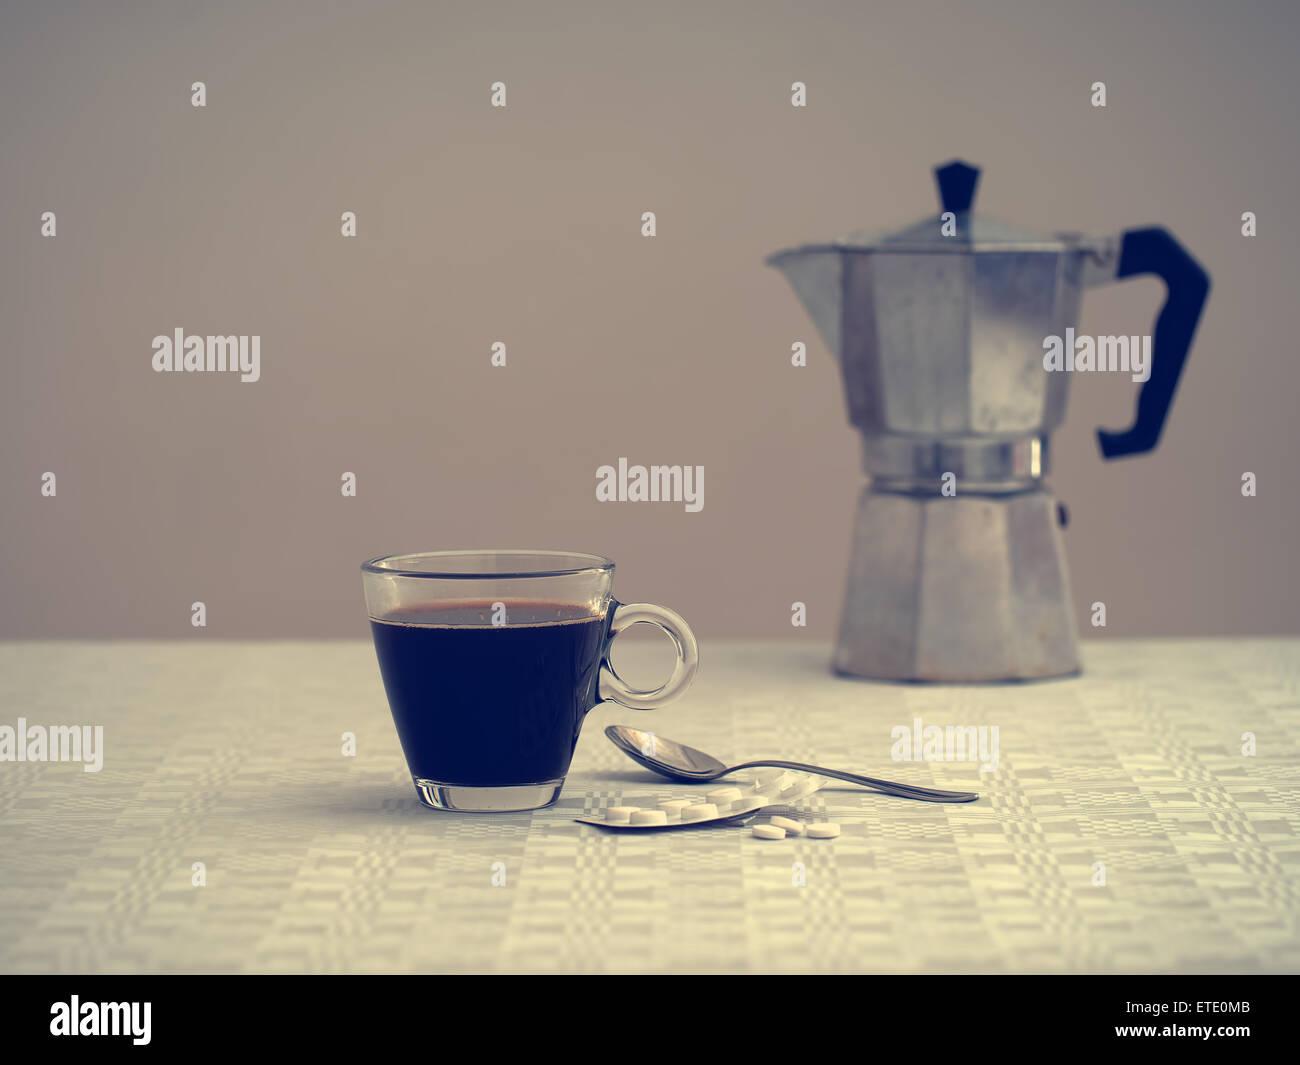 Einsam und krank - Gesundheit, Wellness-Konzept. Differenzielle Fokus - alte Kaffeemaschine im Hintergrund verschwommen. Stockfoto